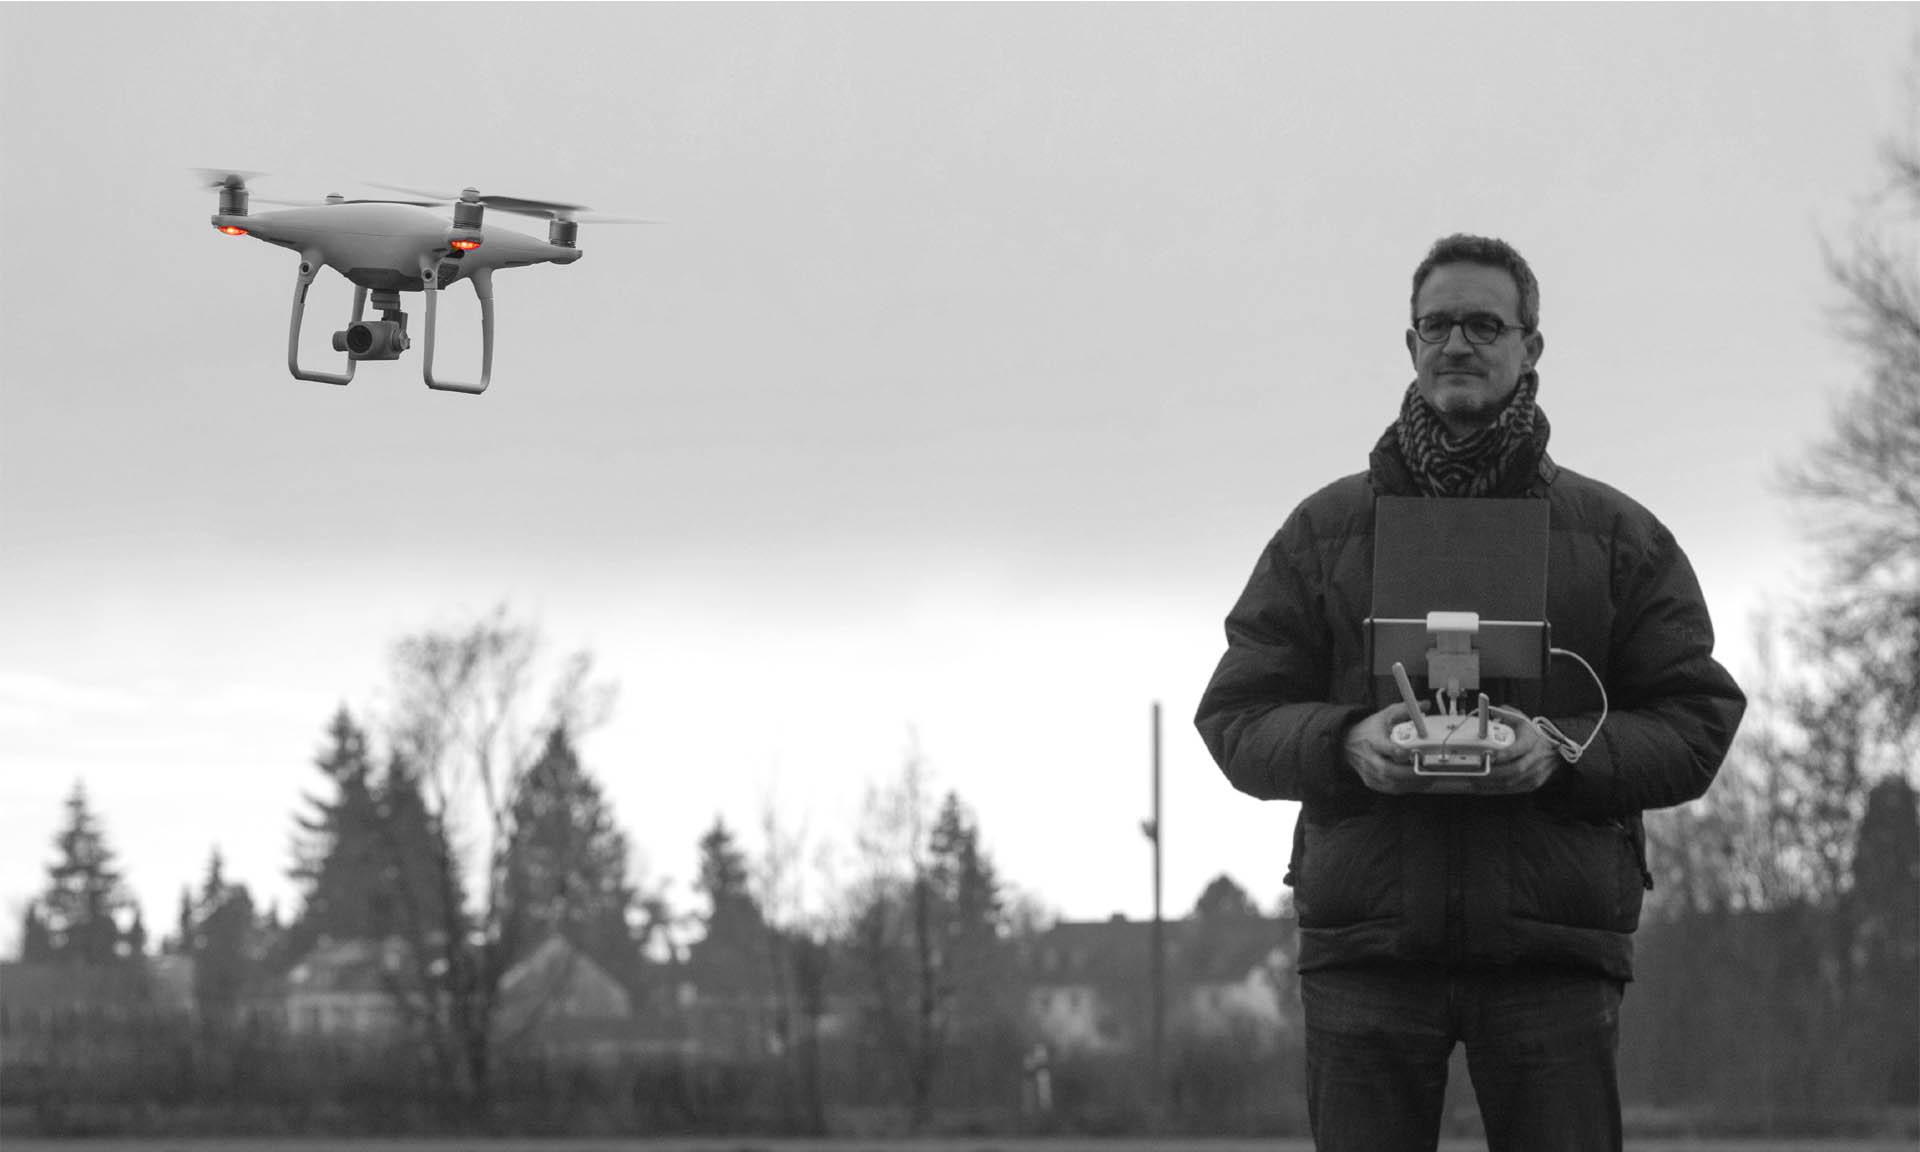 Drohne-2